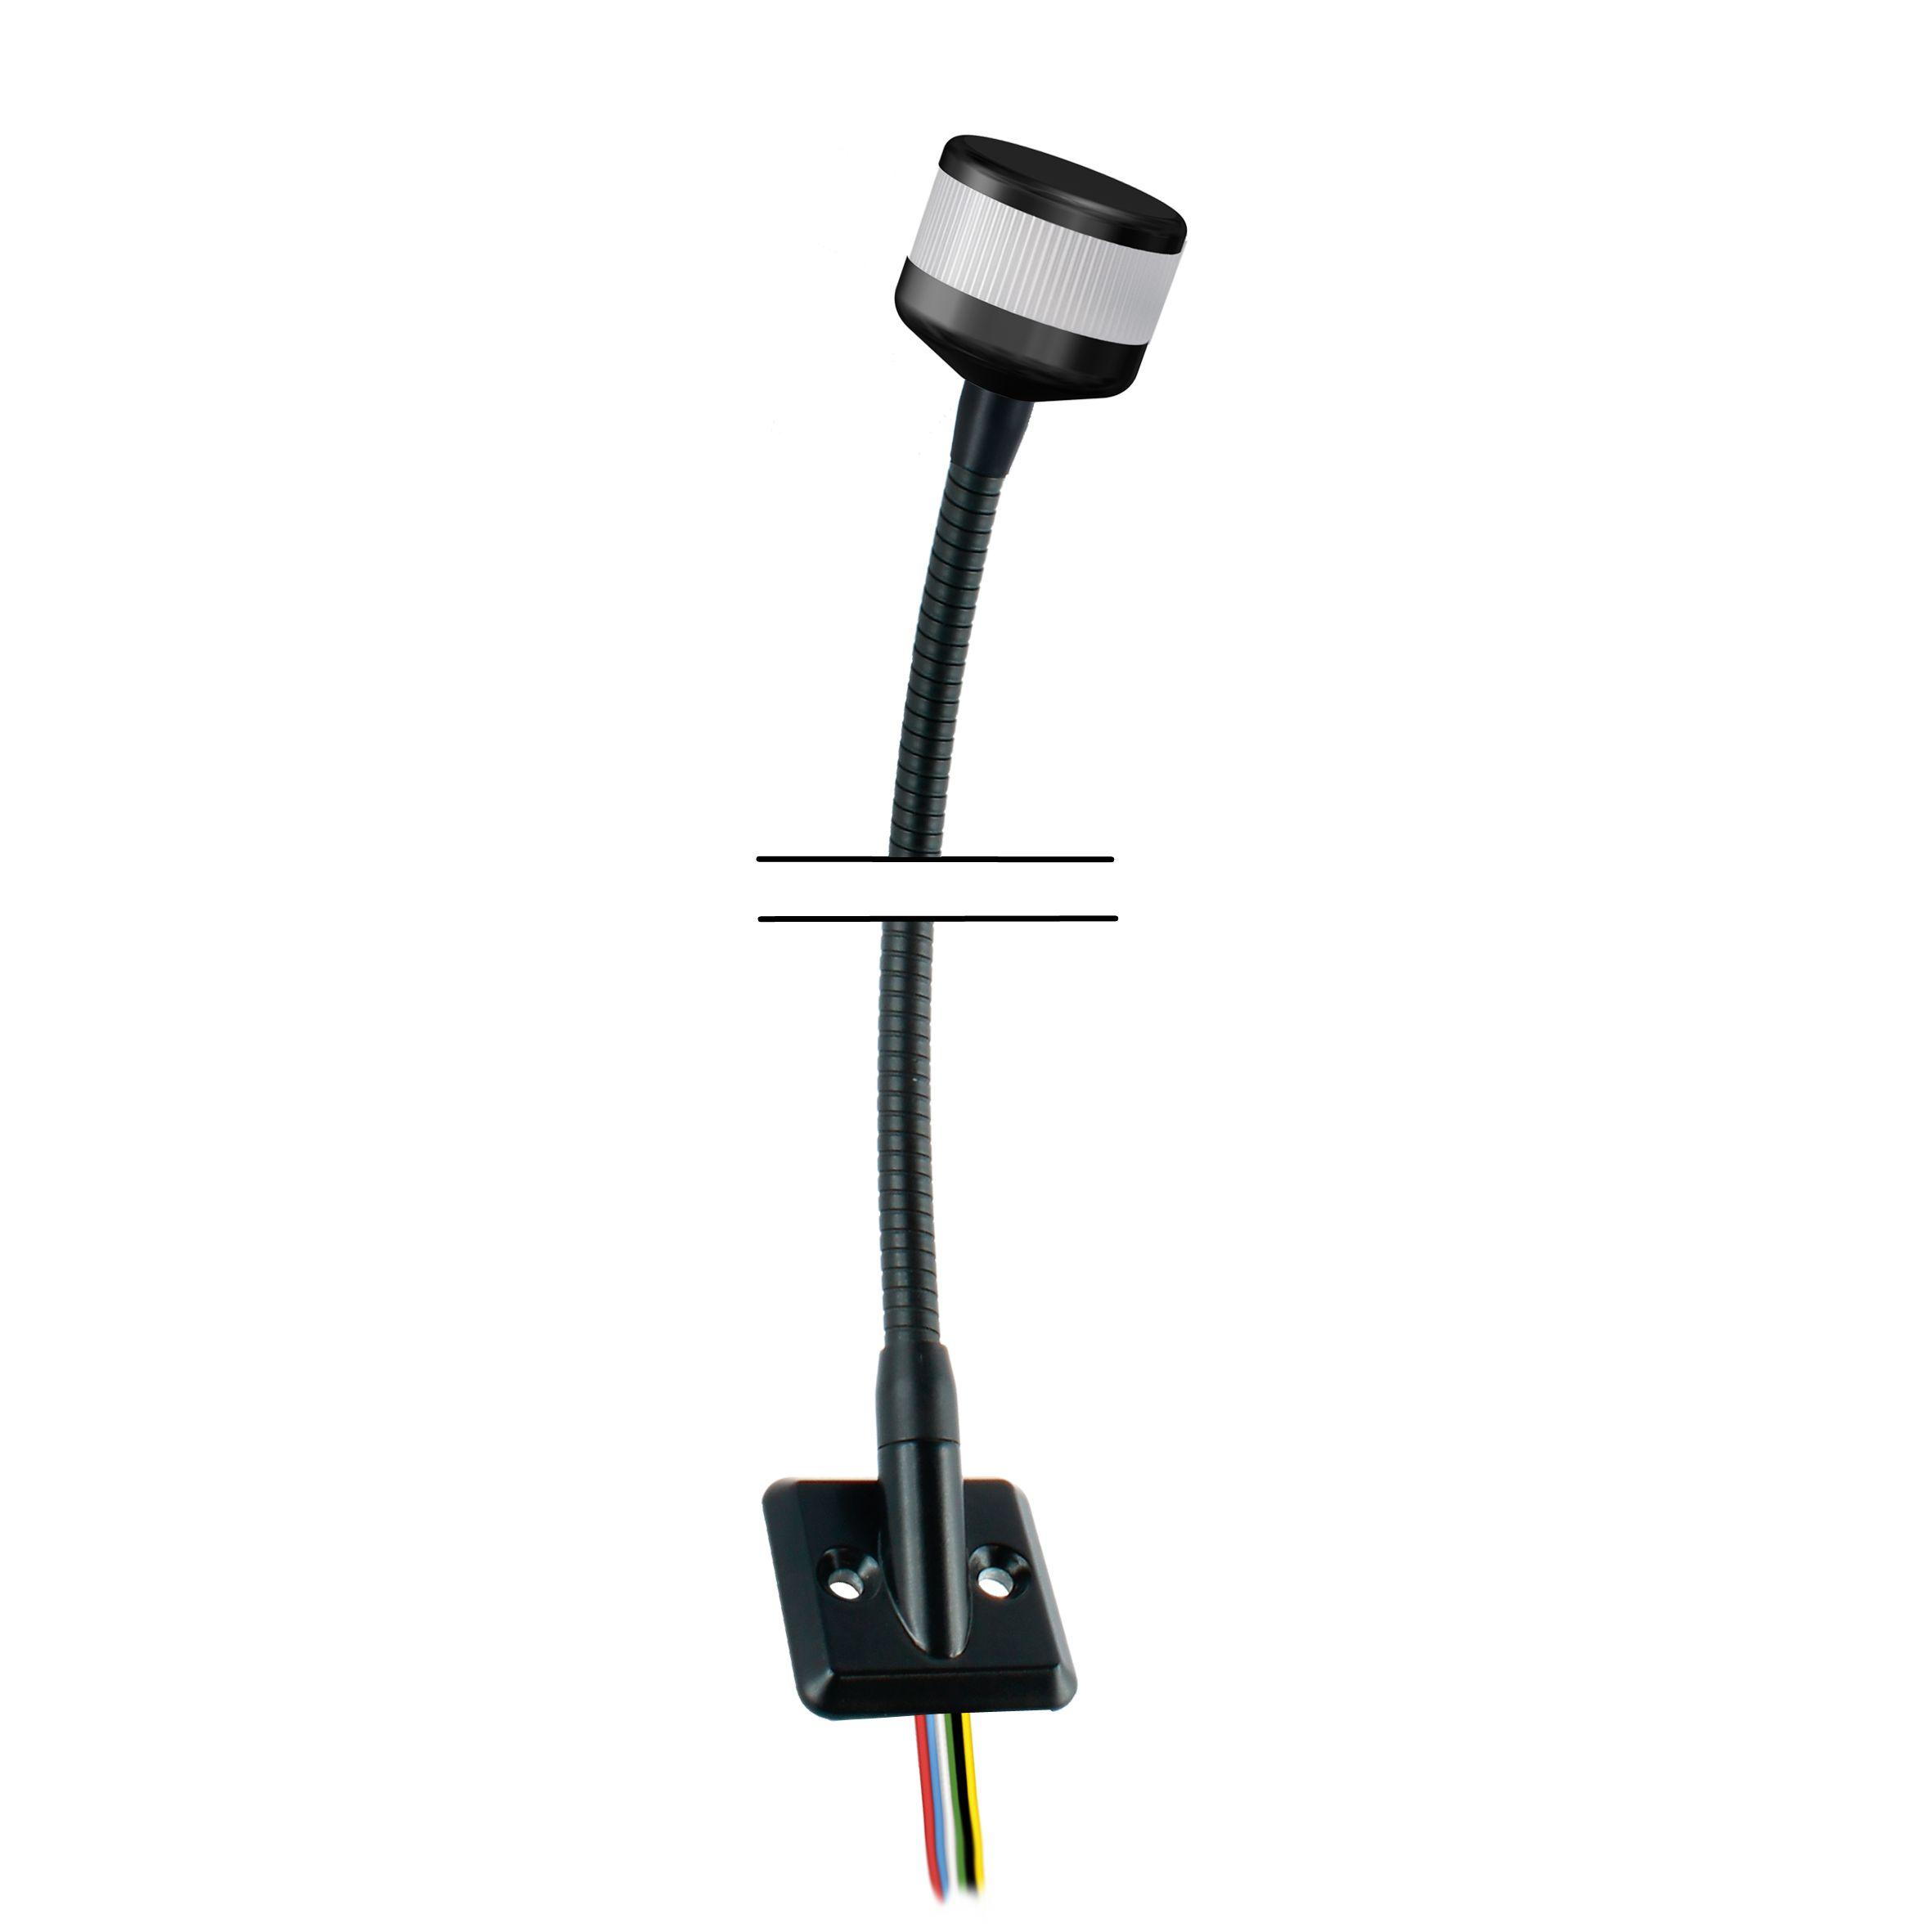 LED-Kompakt-Towerlampe mit Schwanenhals.